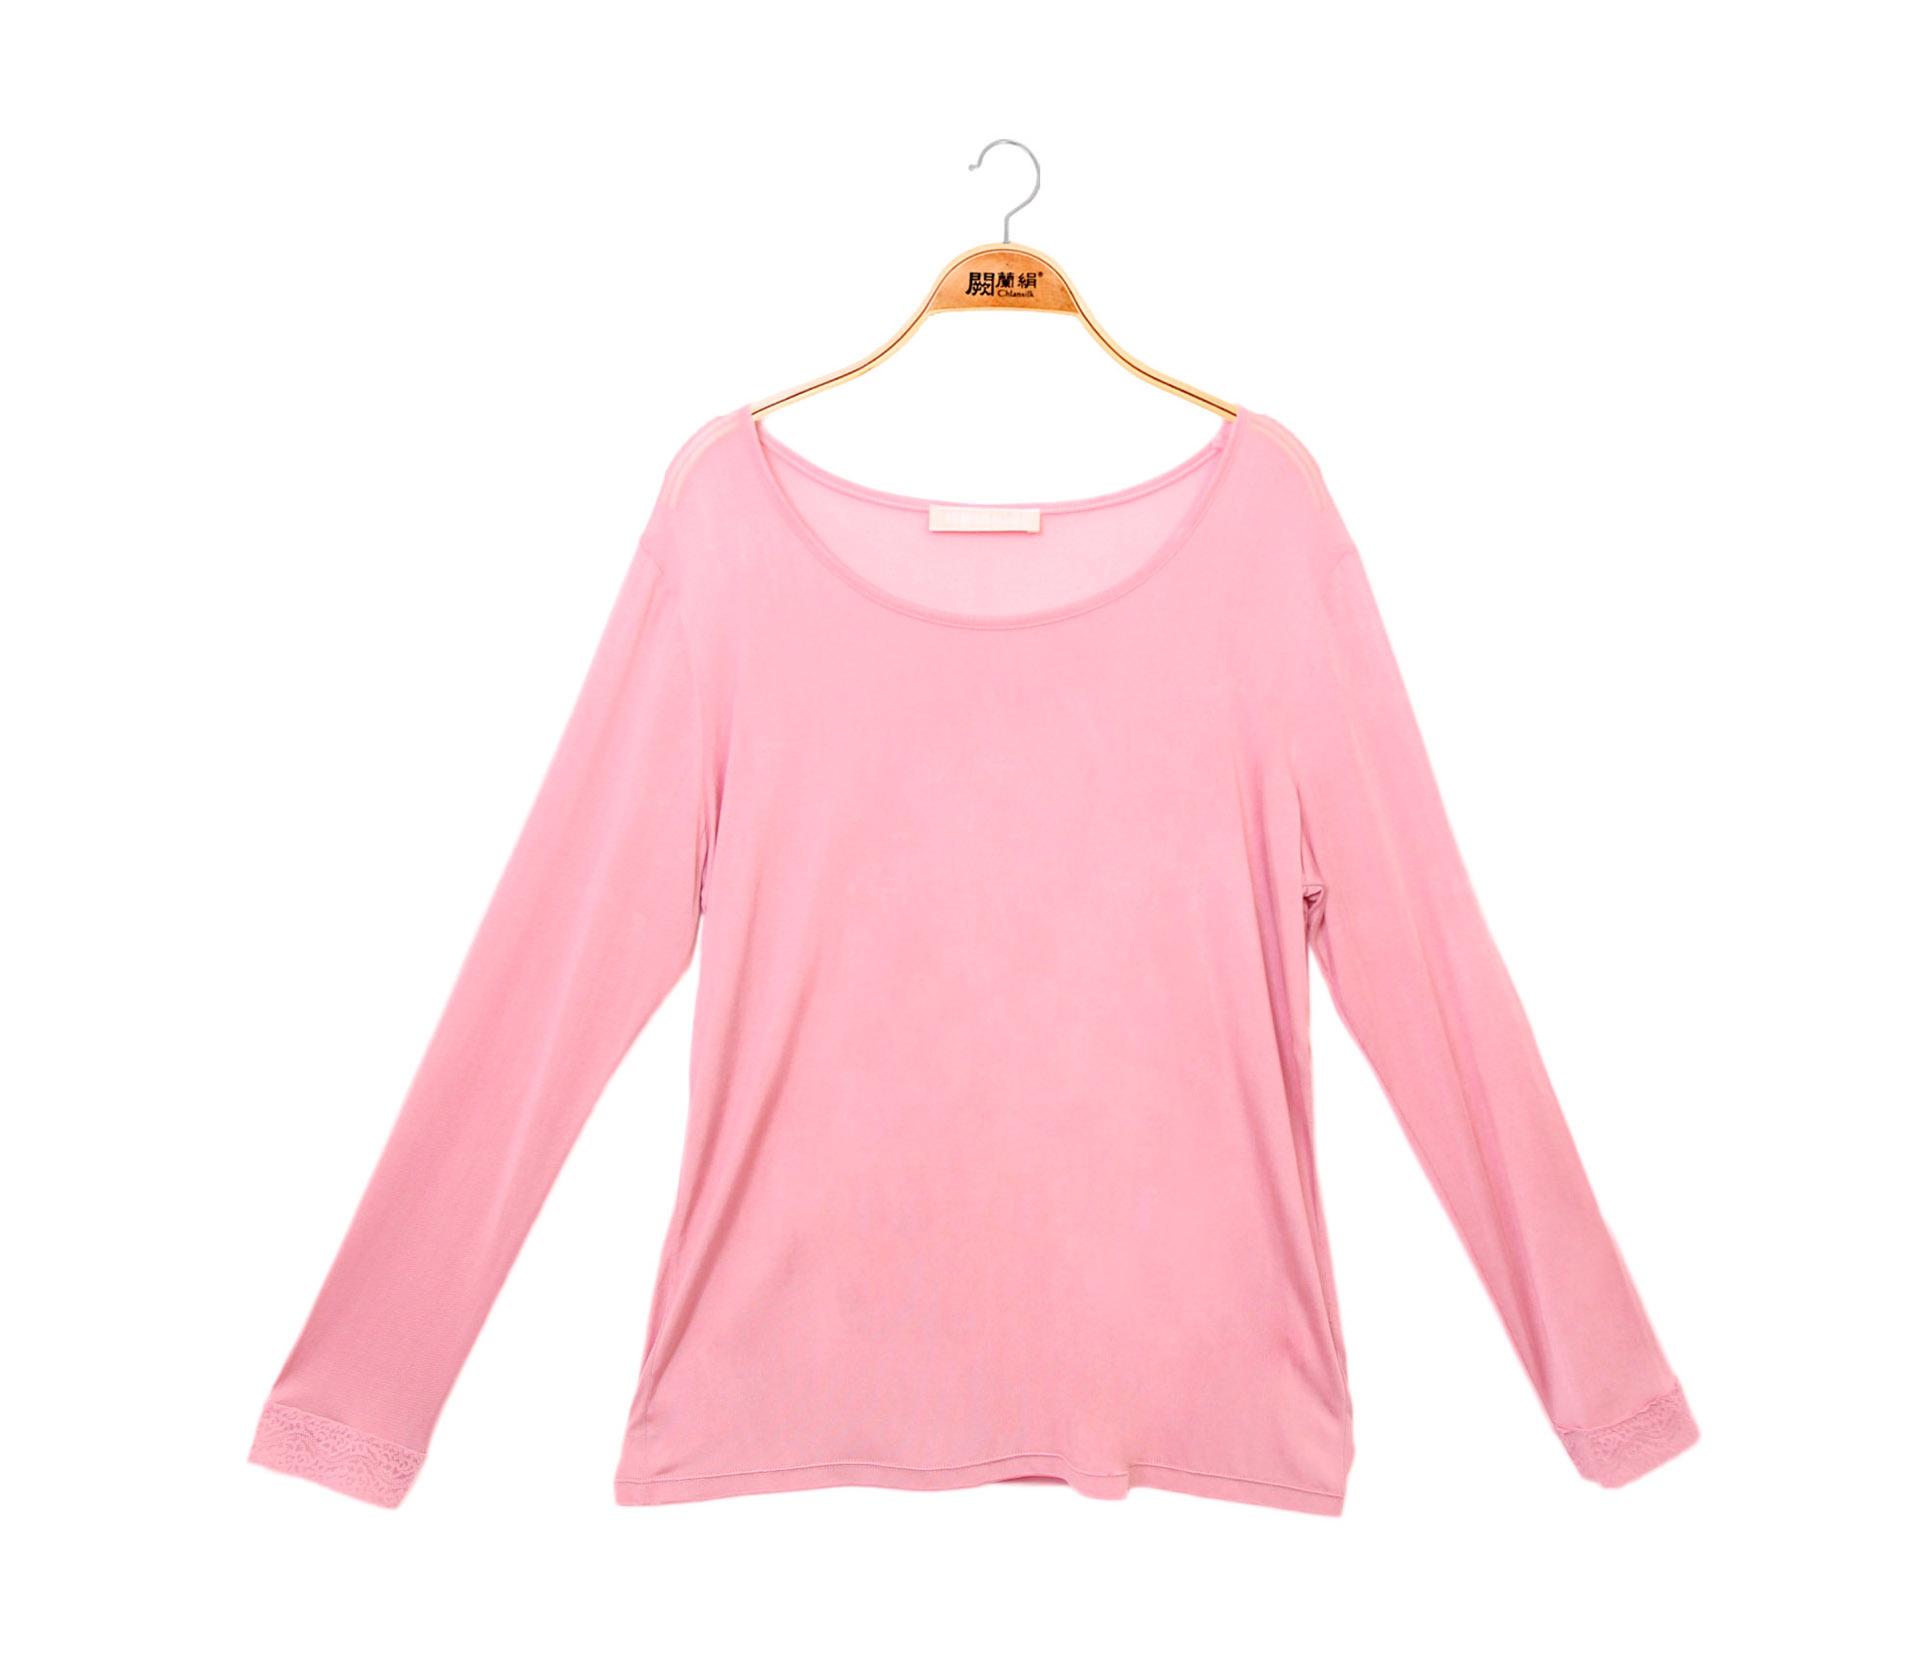 闕蘭絹素面長袖32針100%蠶絲衣-粉色-9920